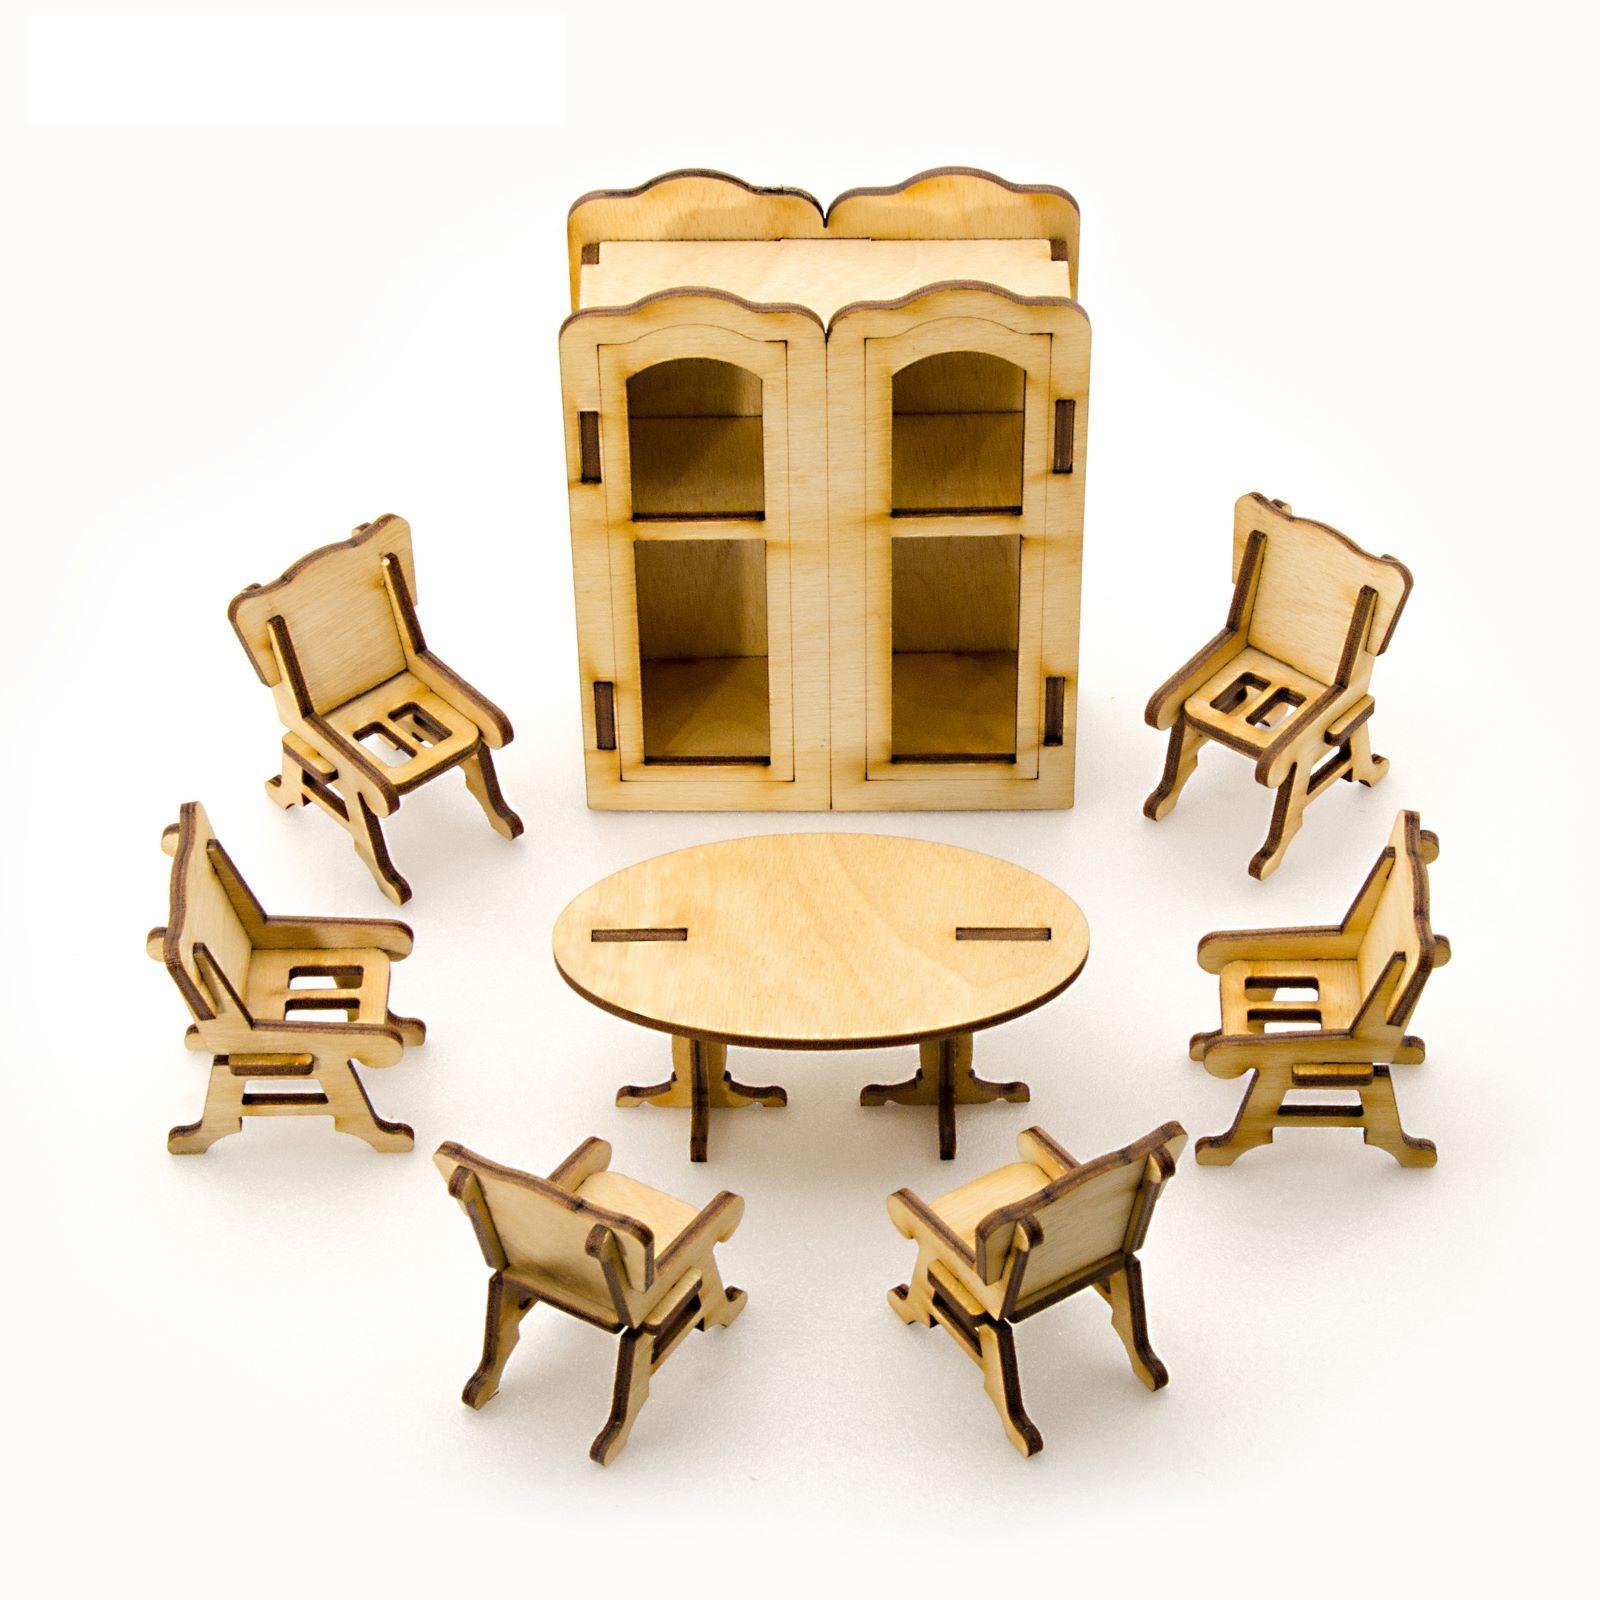 Сборная деревянная модель для кукольного домика - Столовая, 8 позиций по цене 238